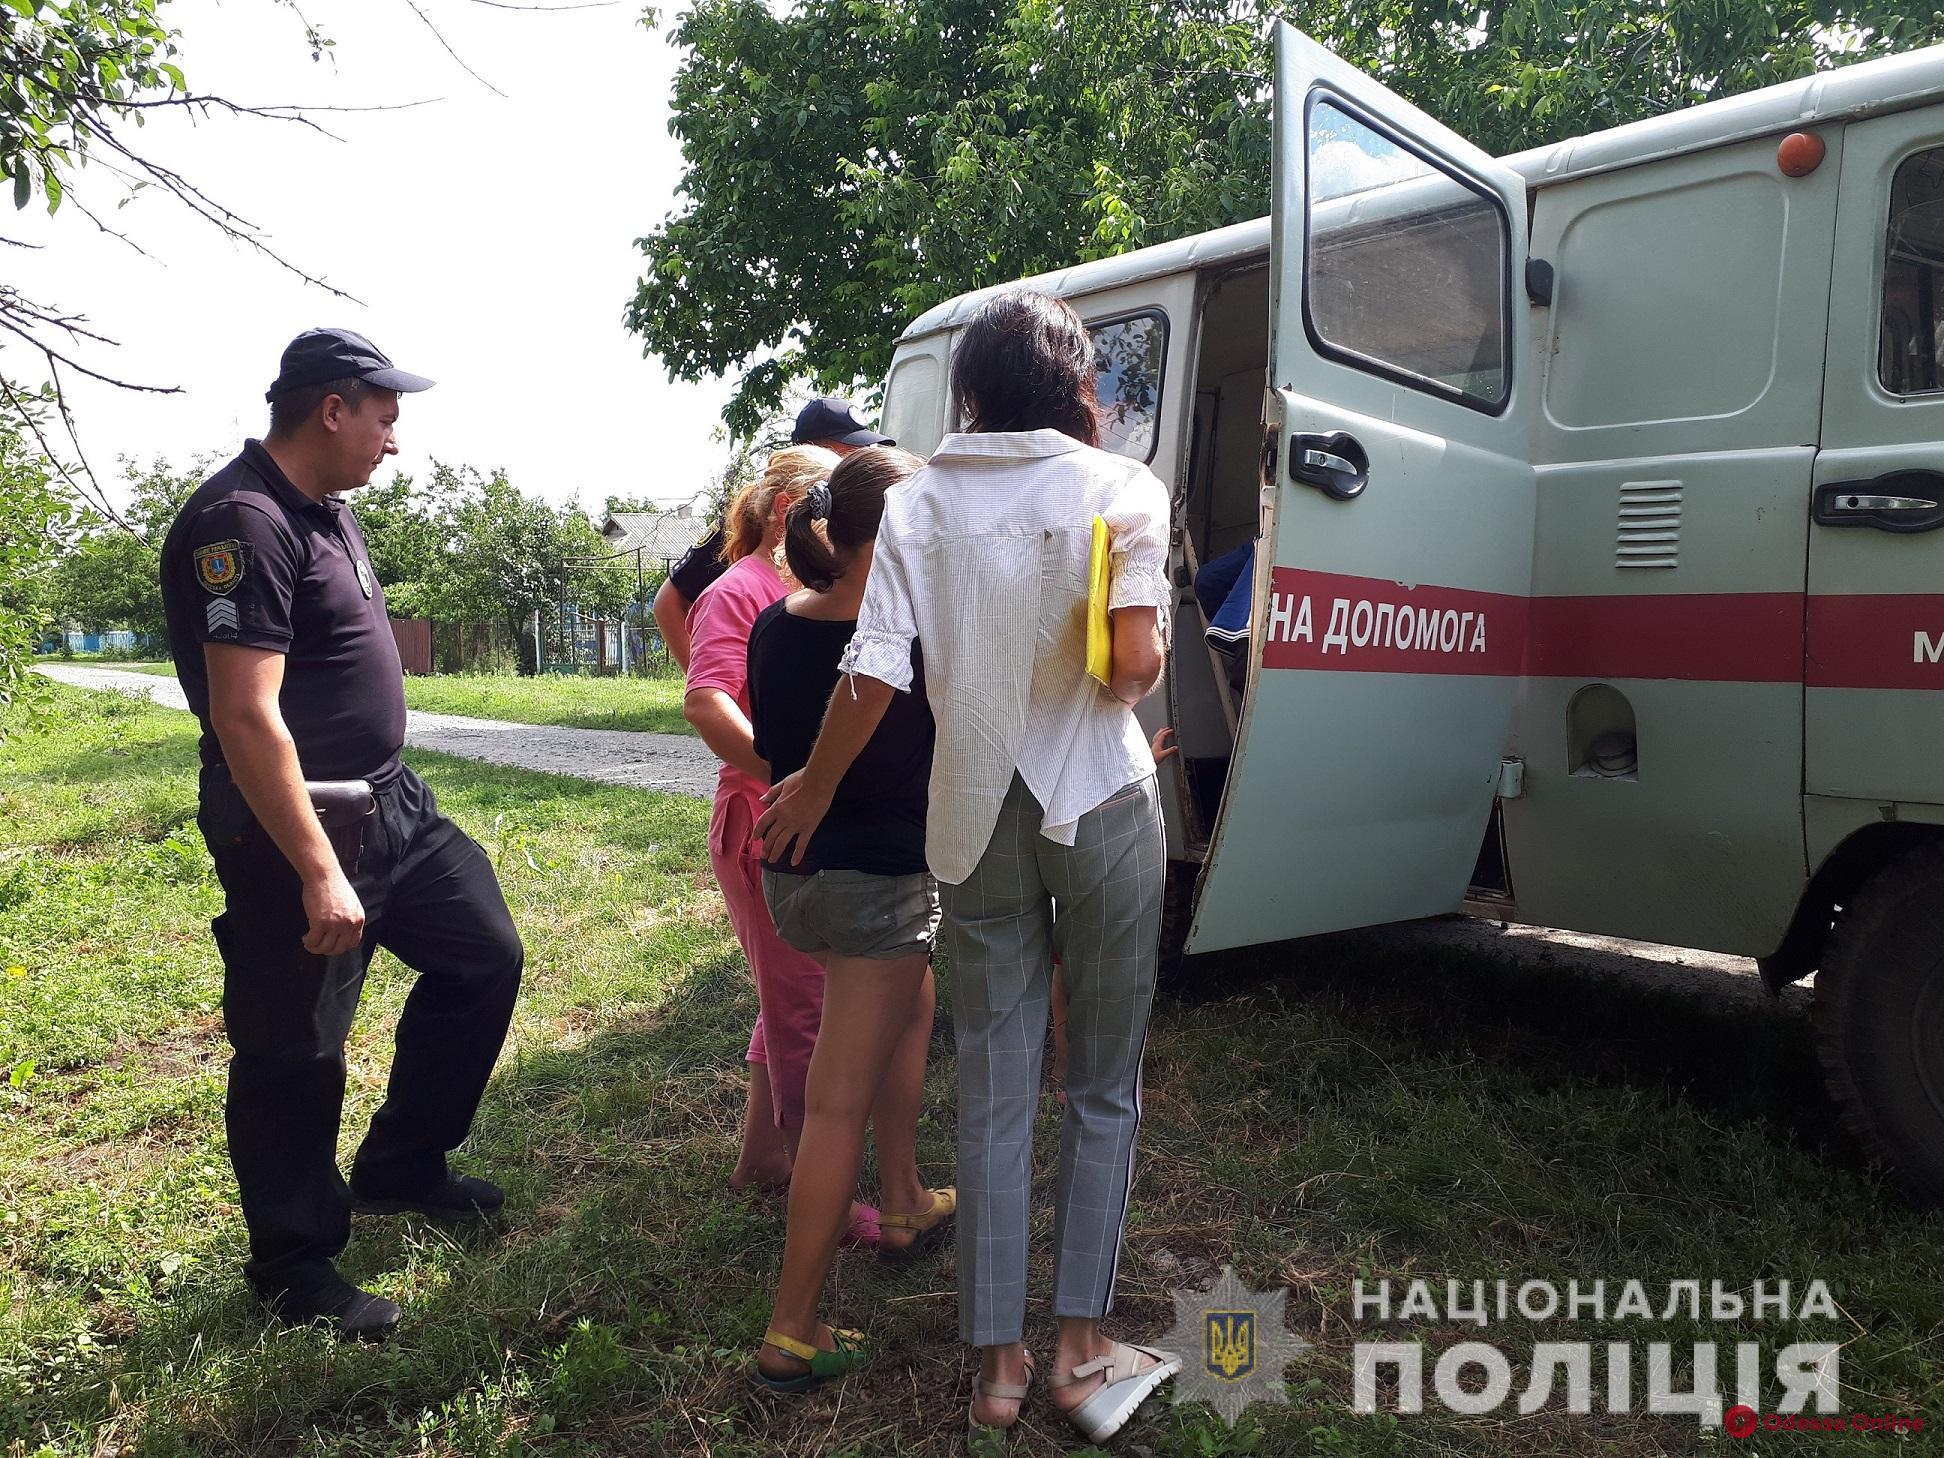 Грязные и голодные: в Одесской области у пьющих родителей отобрали восьмерых детей